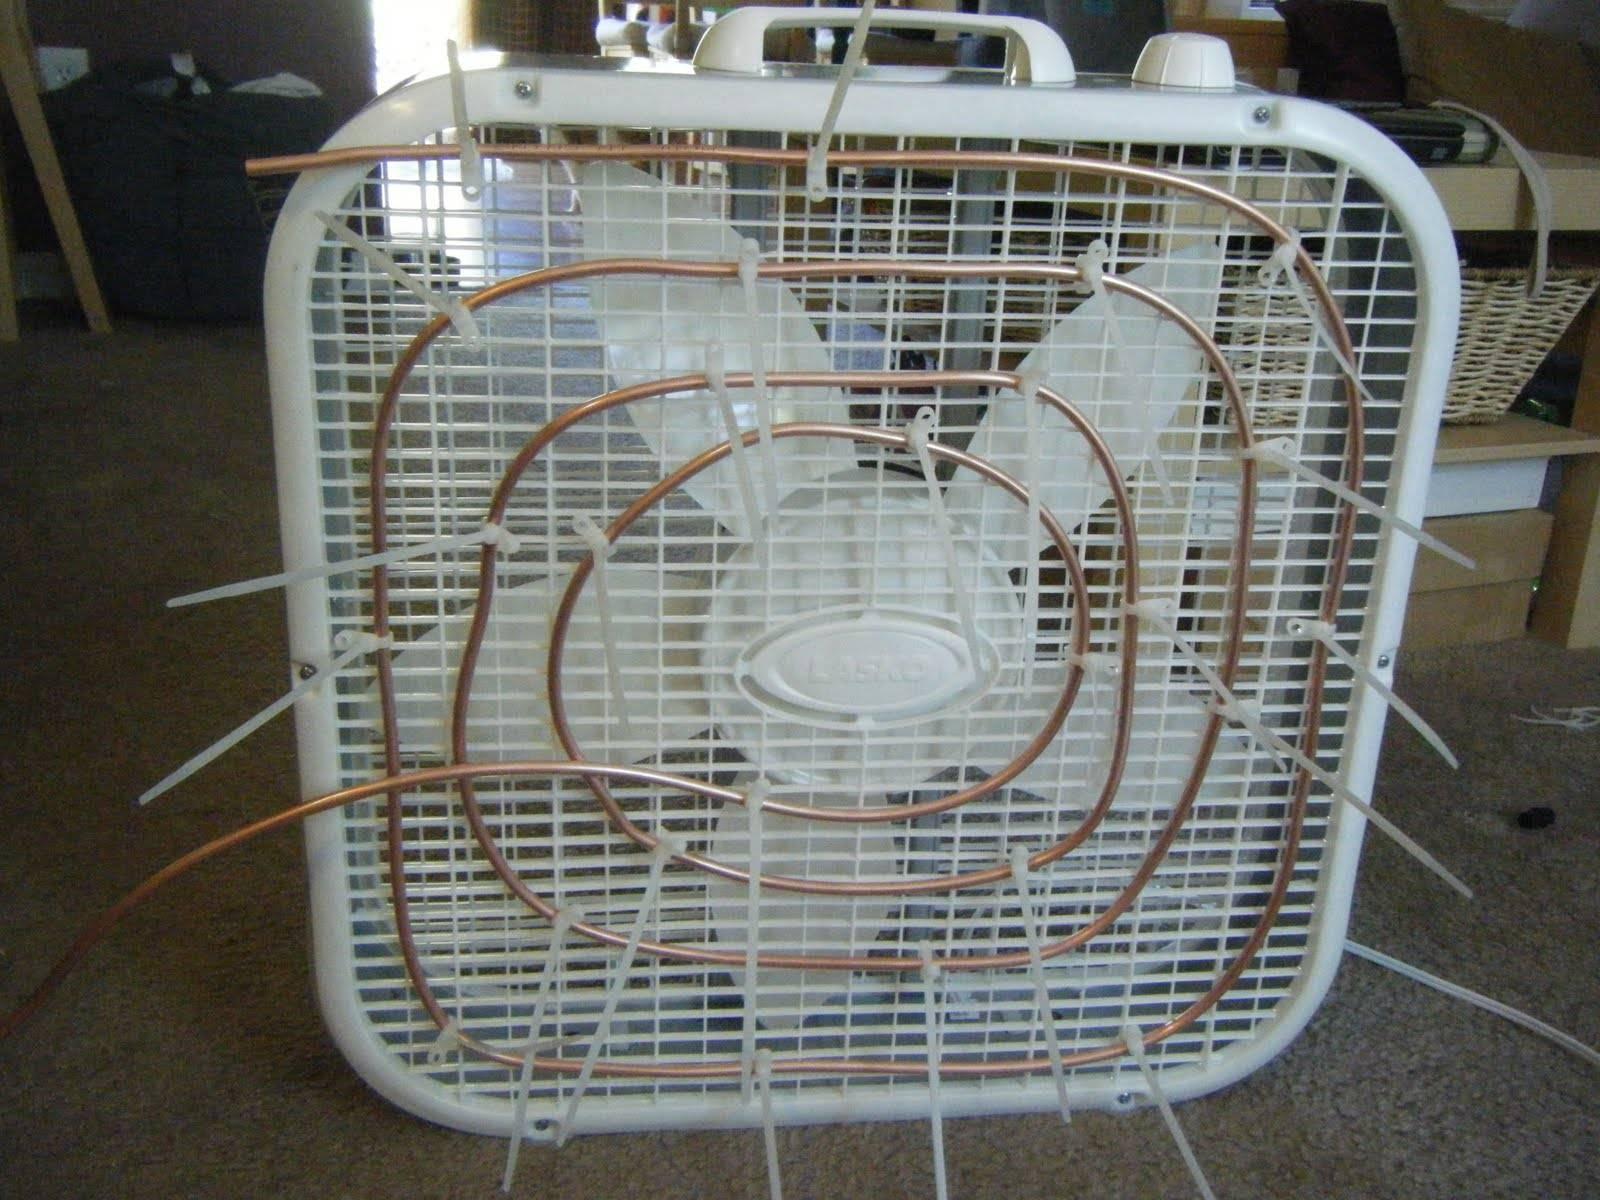 Кондиционер своими руками: как охладить комнату и сделать на видео, вентиляторы и аналоги